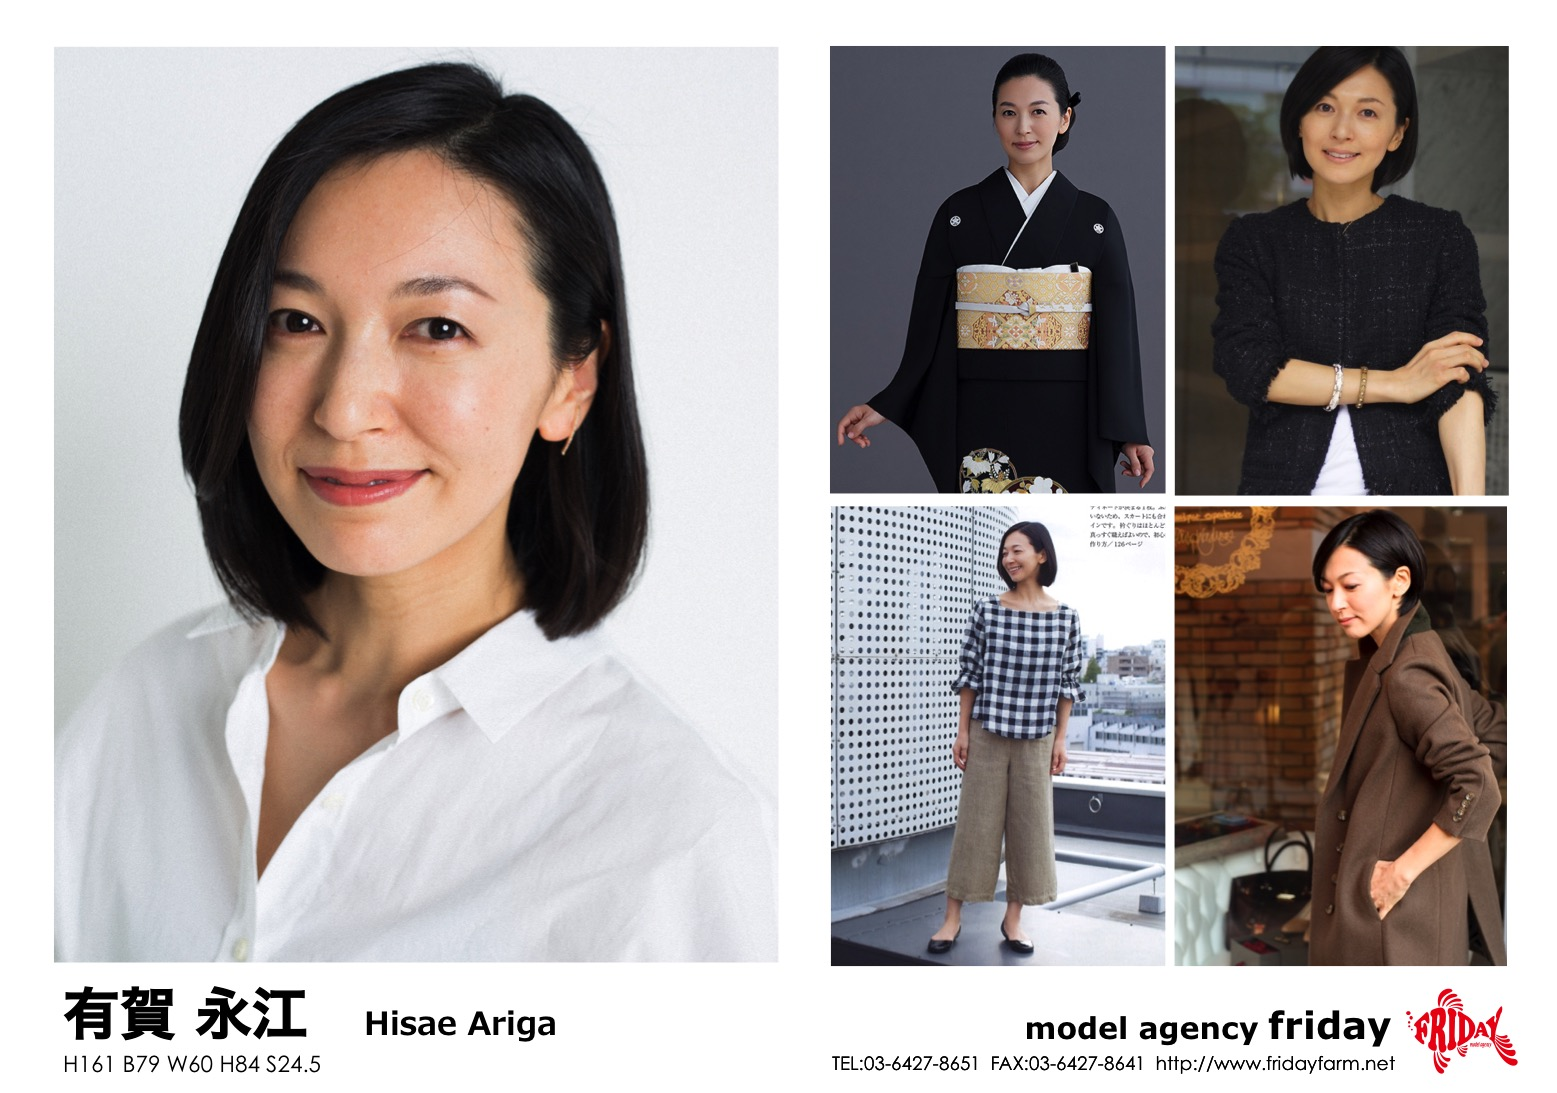 有賀 永江 - Hisae Ariga | model agency friday